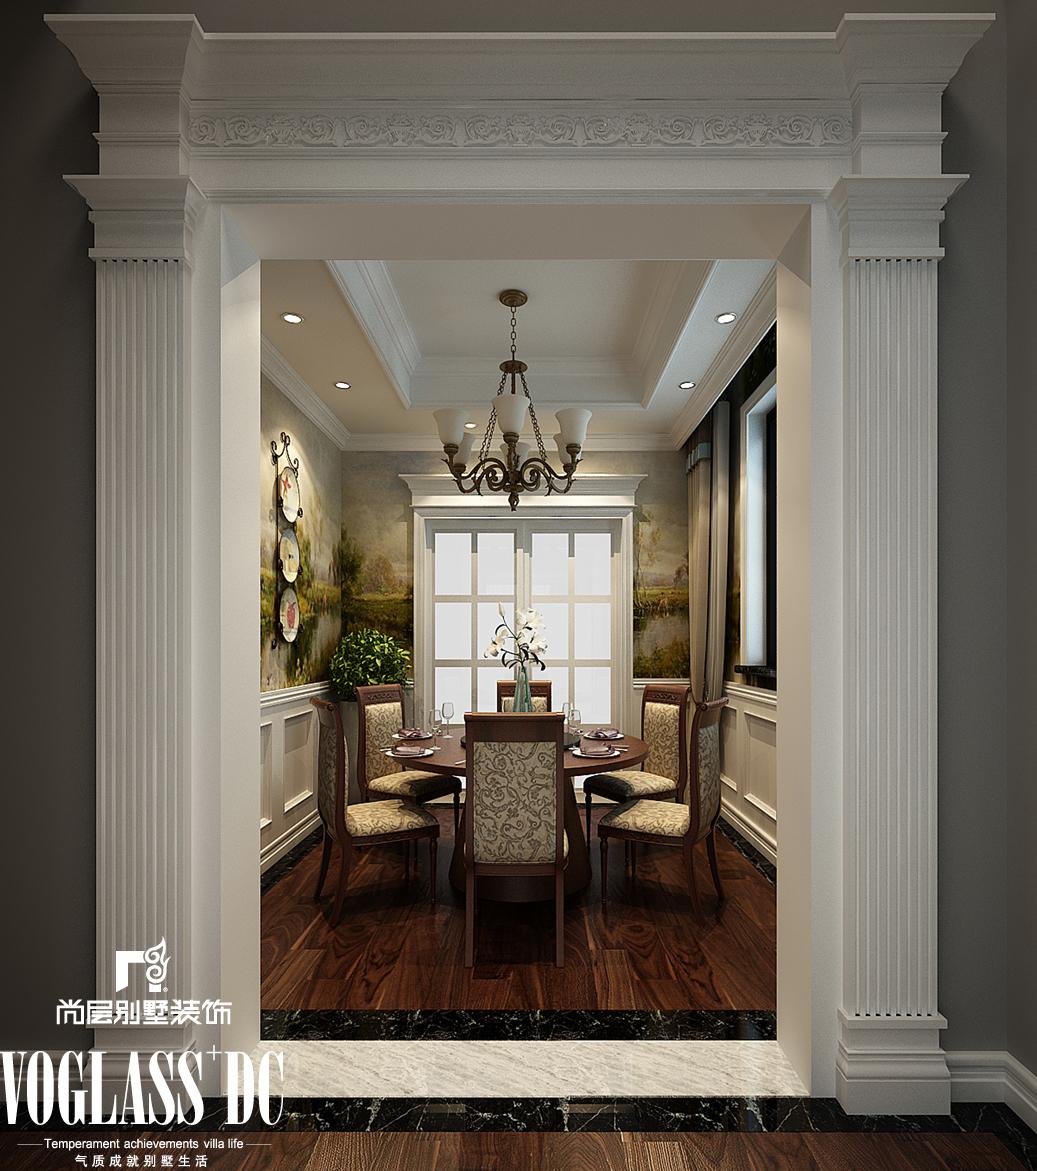 简欧 复地温莎堡 别墅装修 餐厅图片来自天津尚层装饰张倩在复地温莎堡460平米简欧风格别墅的分享